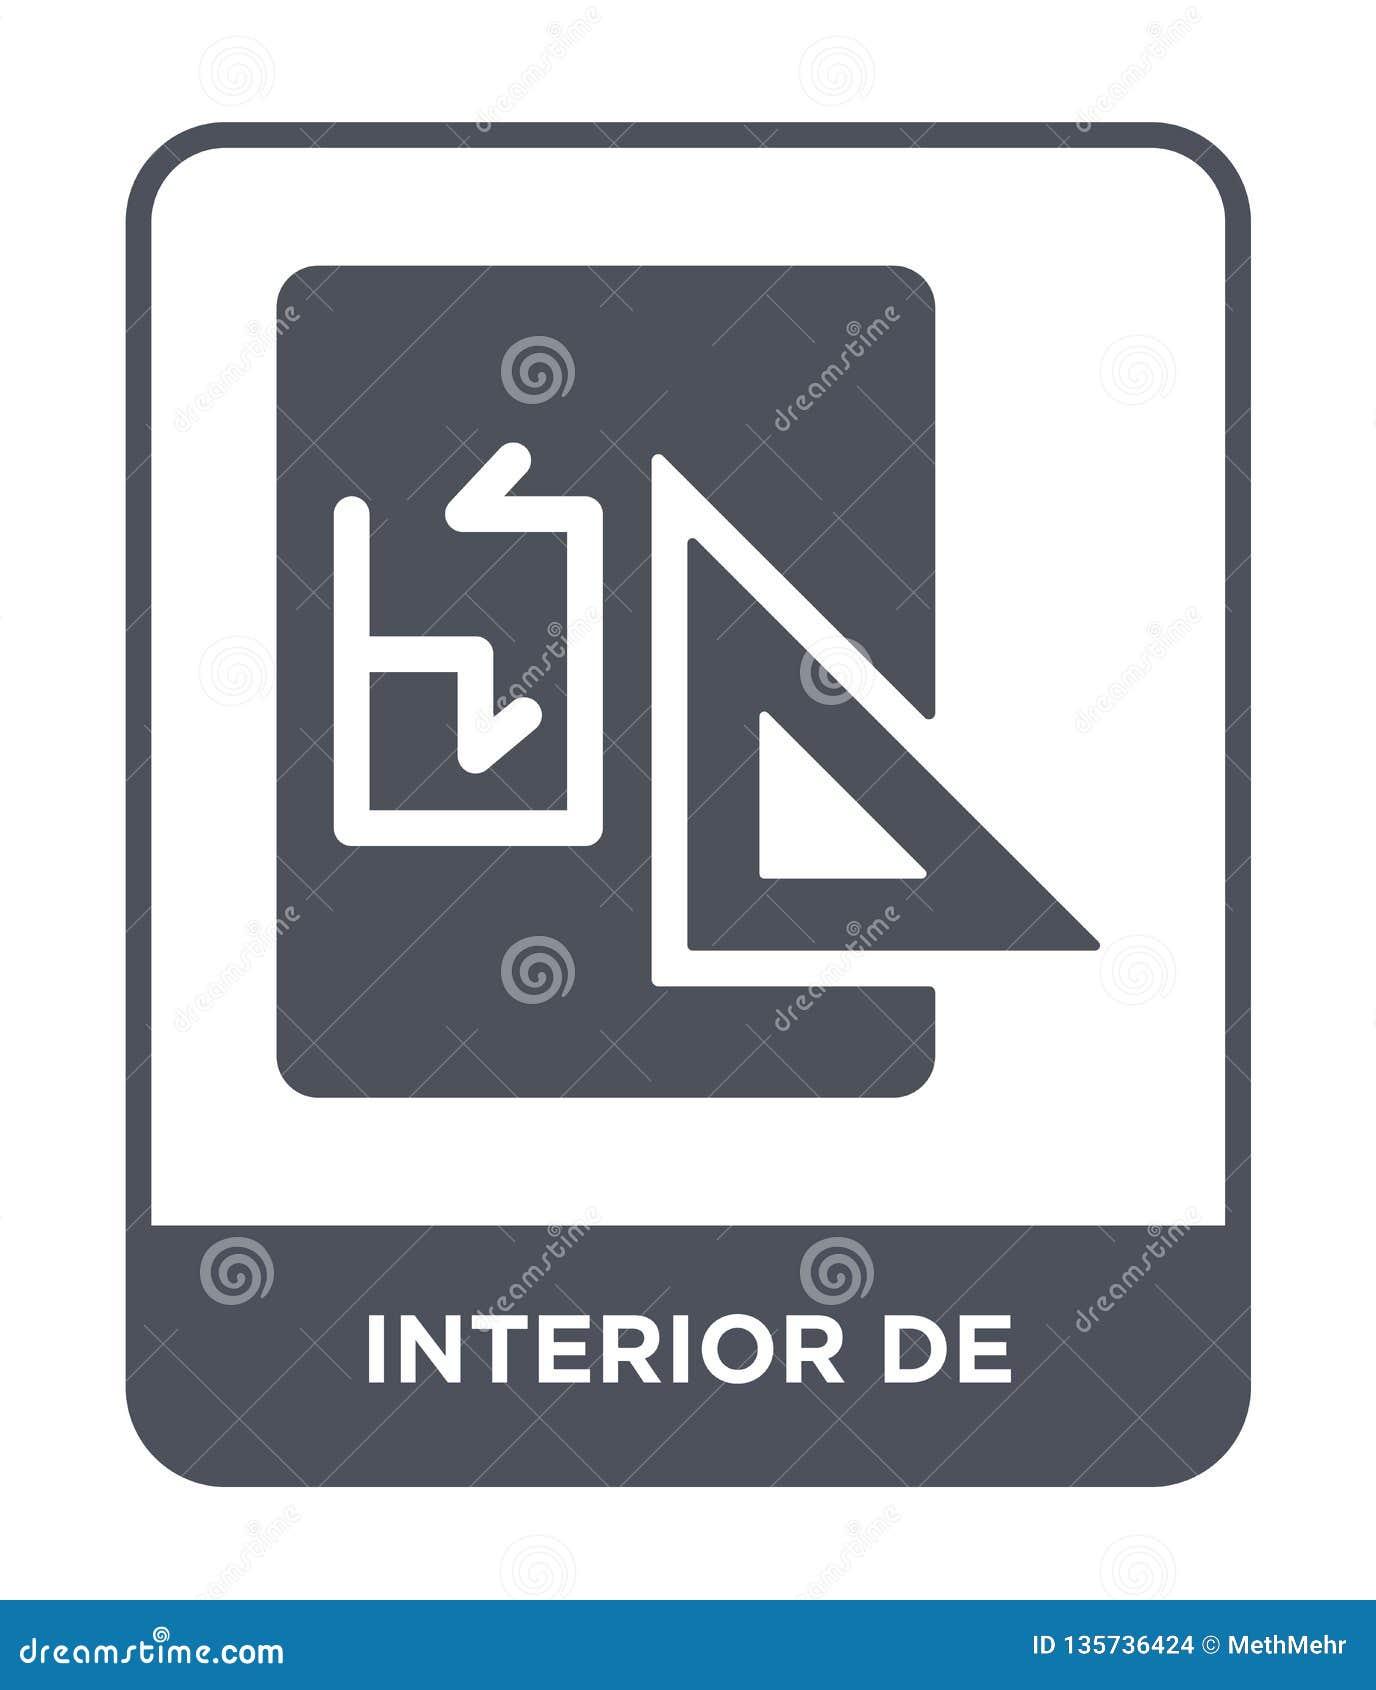 De interior ícone no estilo na moda do projeto de interior ícone isolado no fundo branco ícone interior de vetor simples e modern